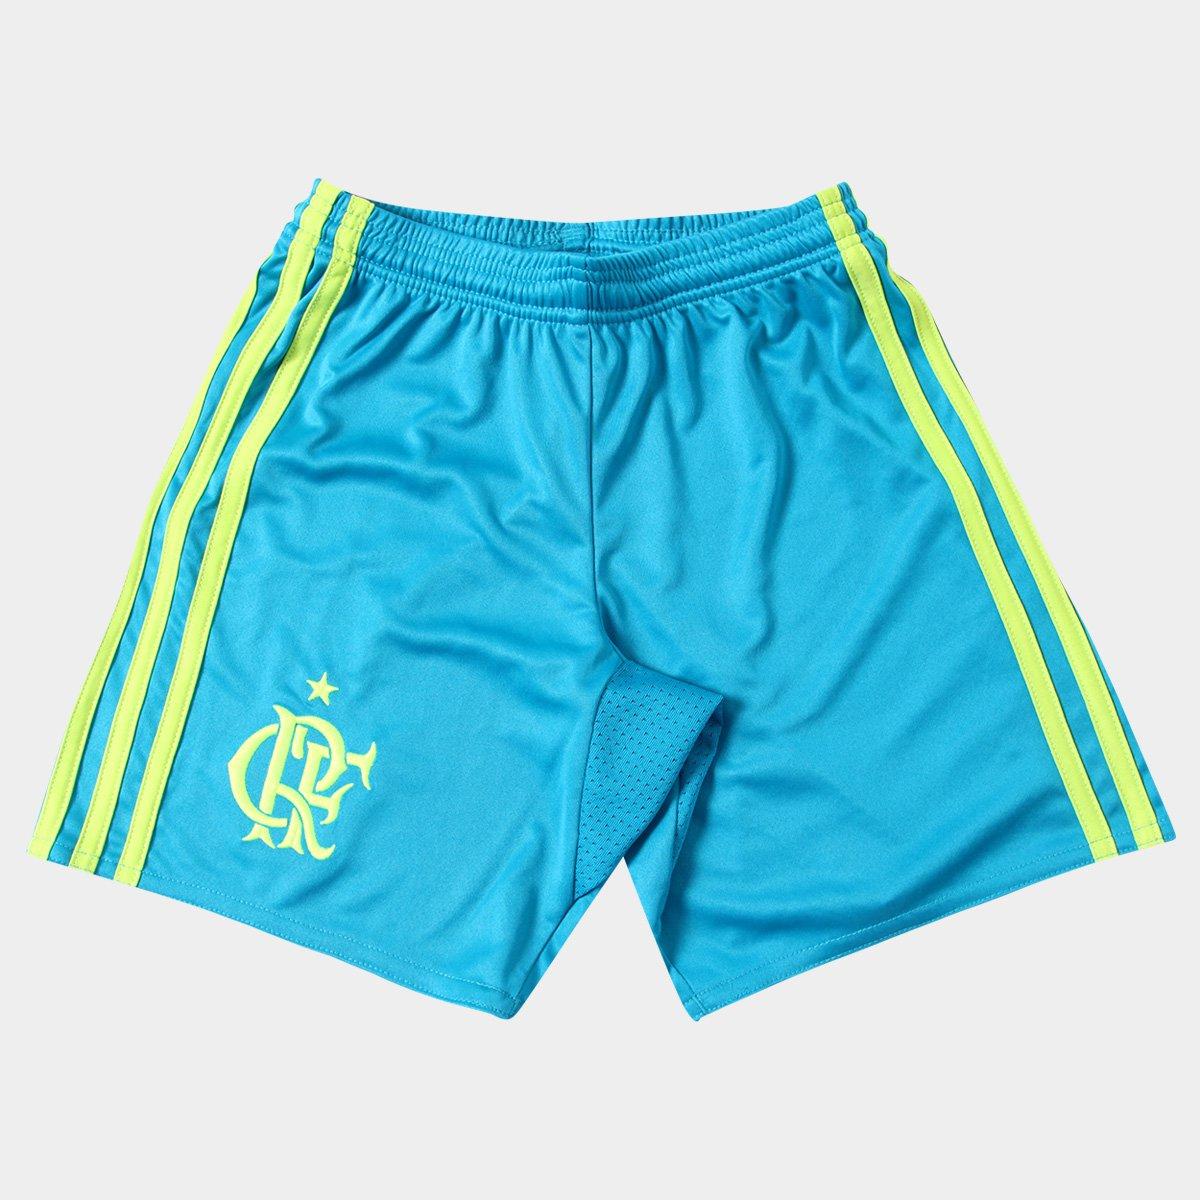 f862669708 Calção Flamengo Infantil Goleiro 2016 Adidas - Compre Agora